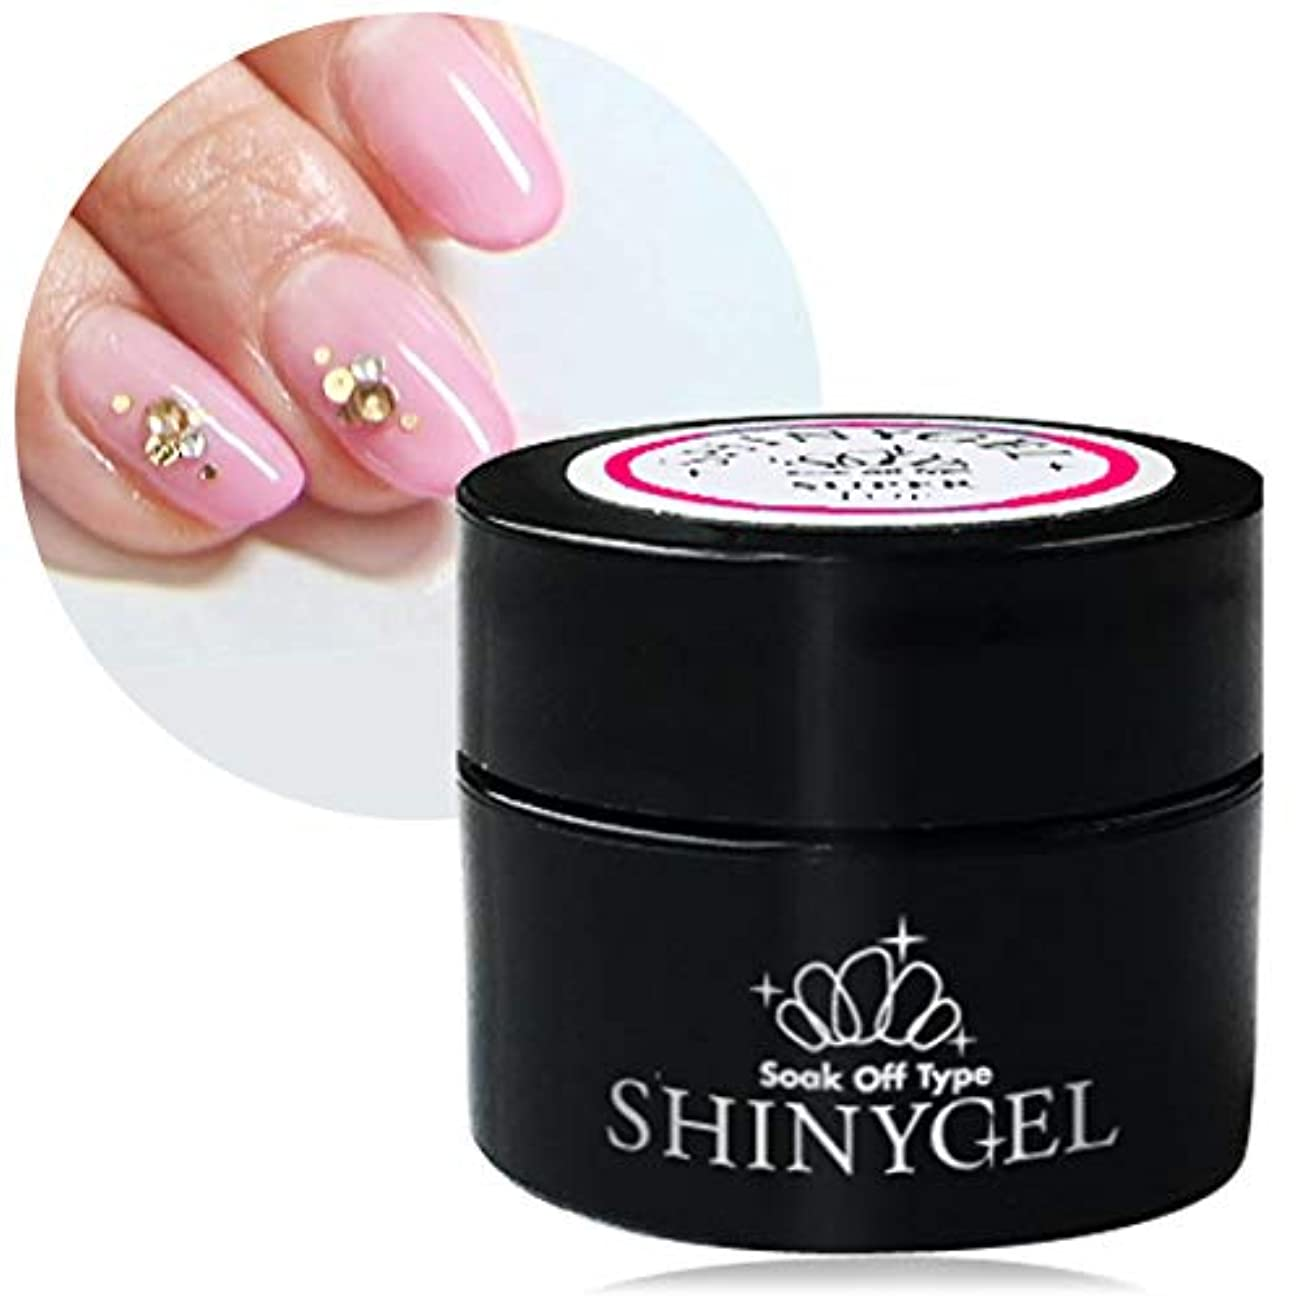 改革特徴づける良さ[UV/LED対応○] SHINYGEL シャイニージェル スーパートップ/5g <セミハードタイプ>爪にやさしく 極上のツヤとうっとりする透明感 100%純国産原料使用